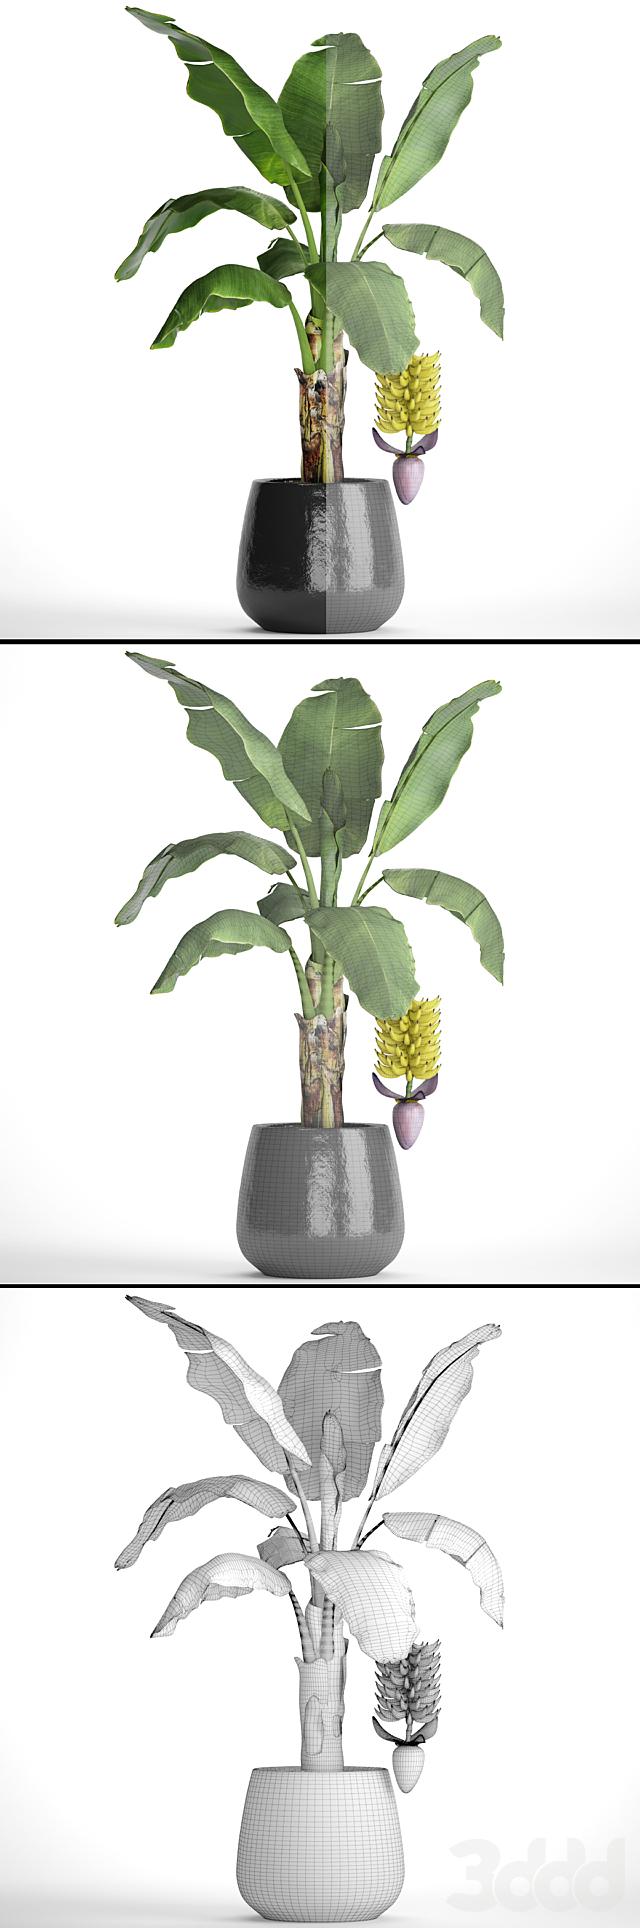 Банановая пальма с плодами.